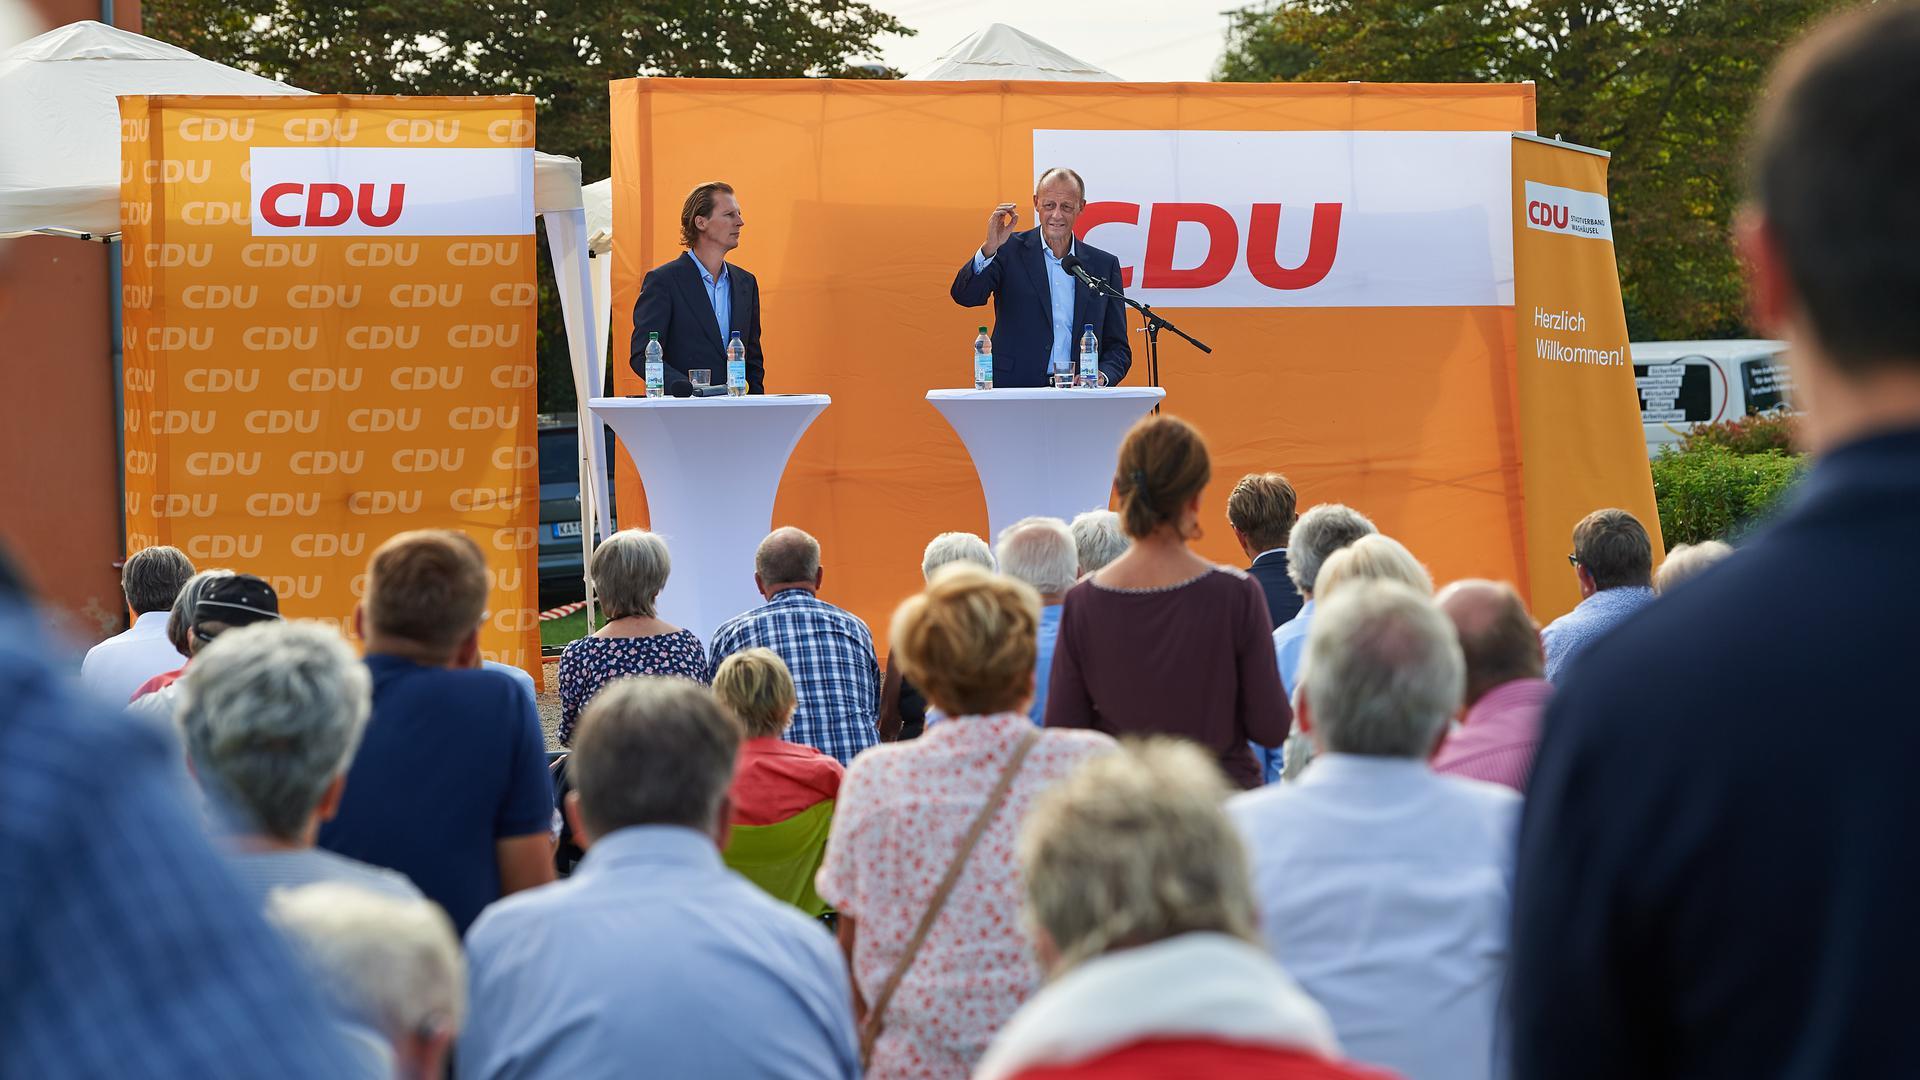 Zwei Männer auf einem Podium, dahinter Wahlwerbung der CDU.